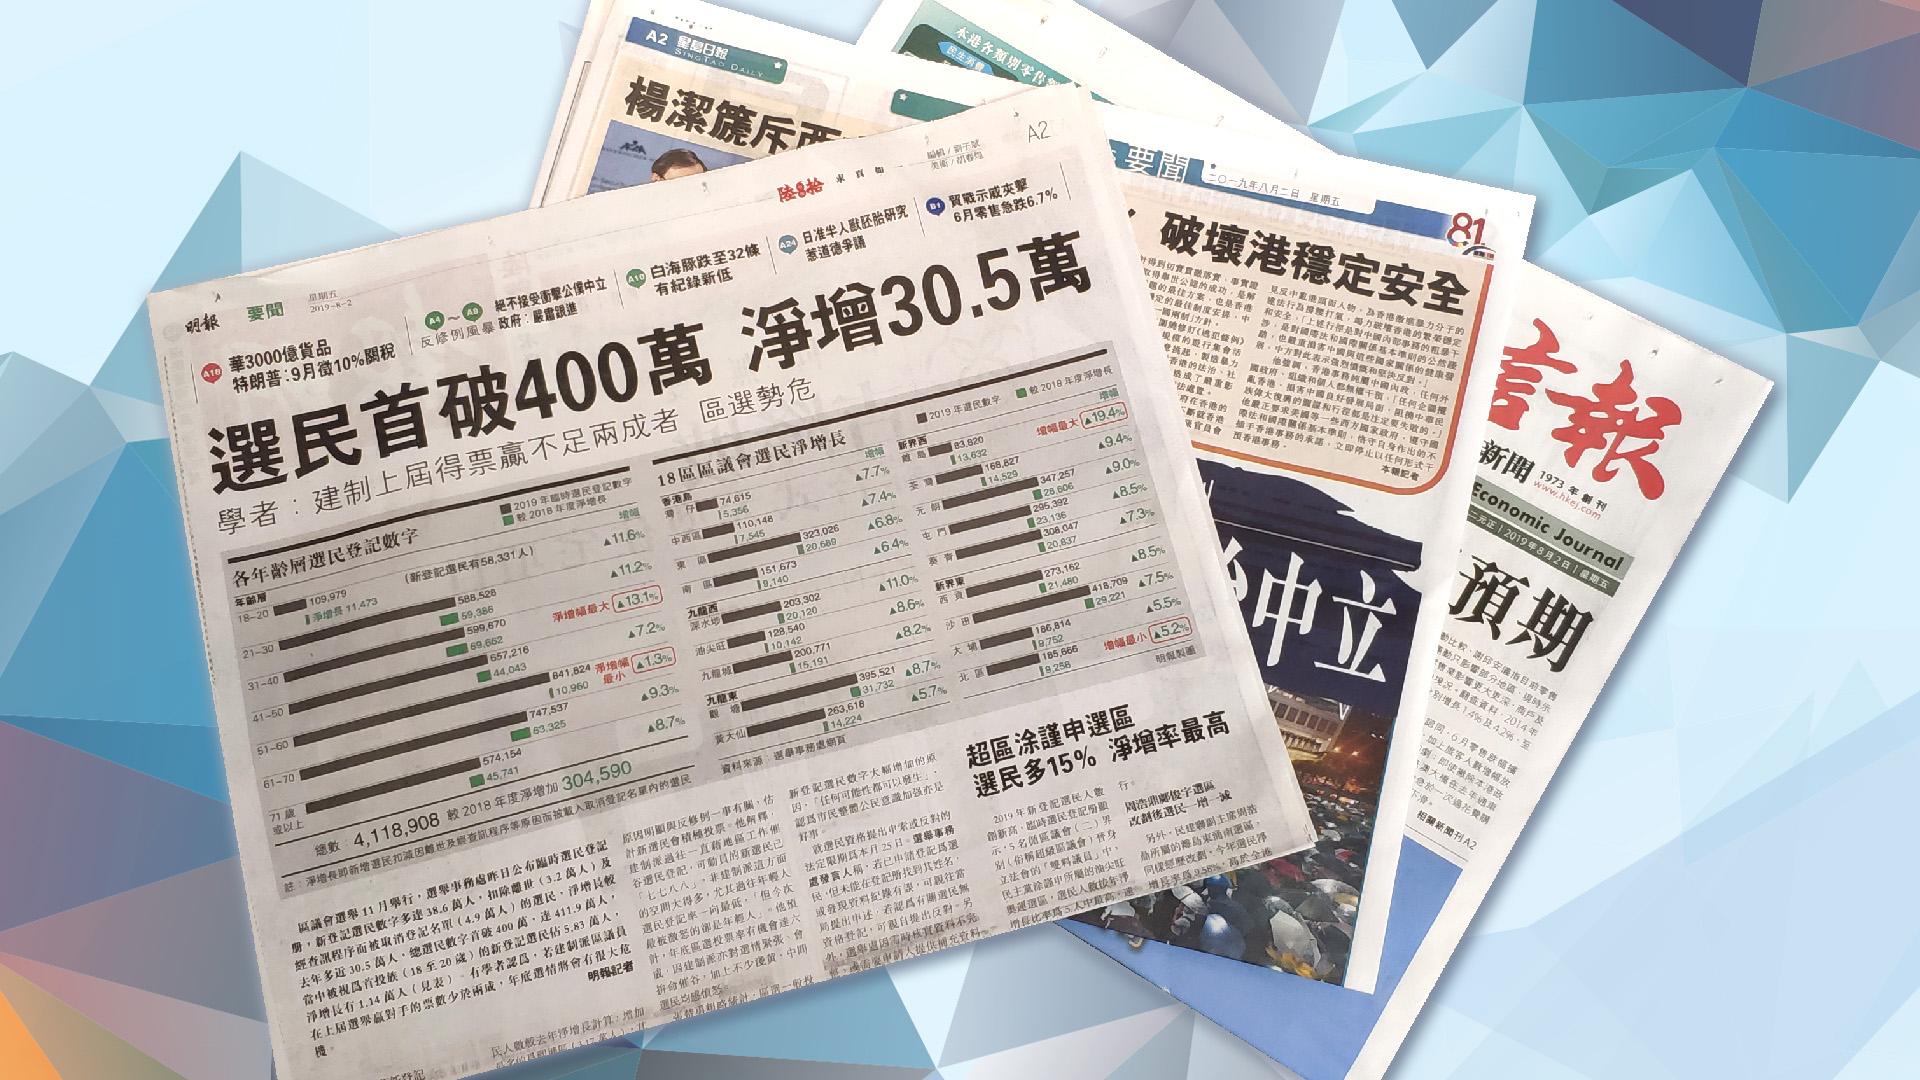 【報章A1速覽】選民首破400萬 淨增30.5萬;港府:絕不接受衝擊政治中立